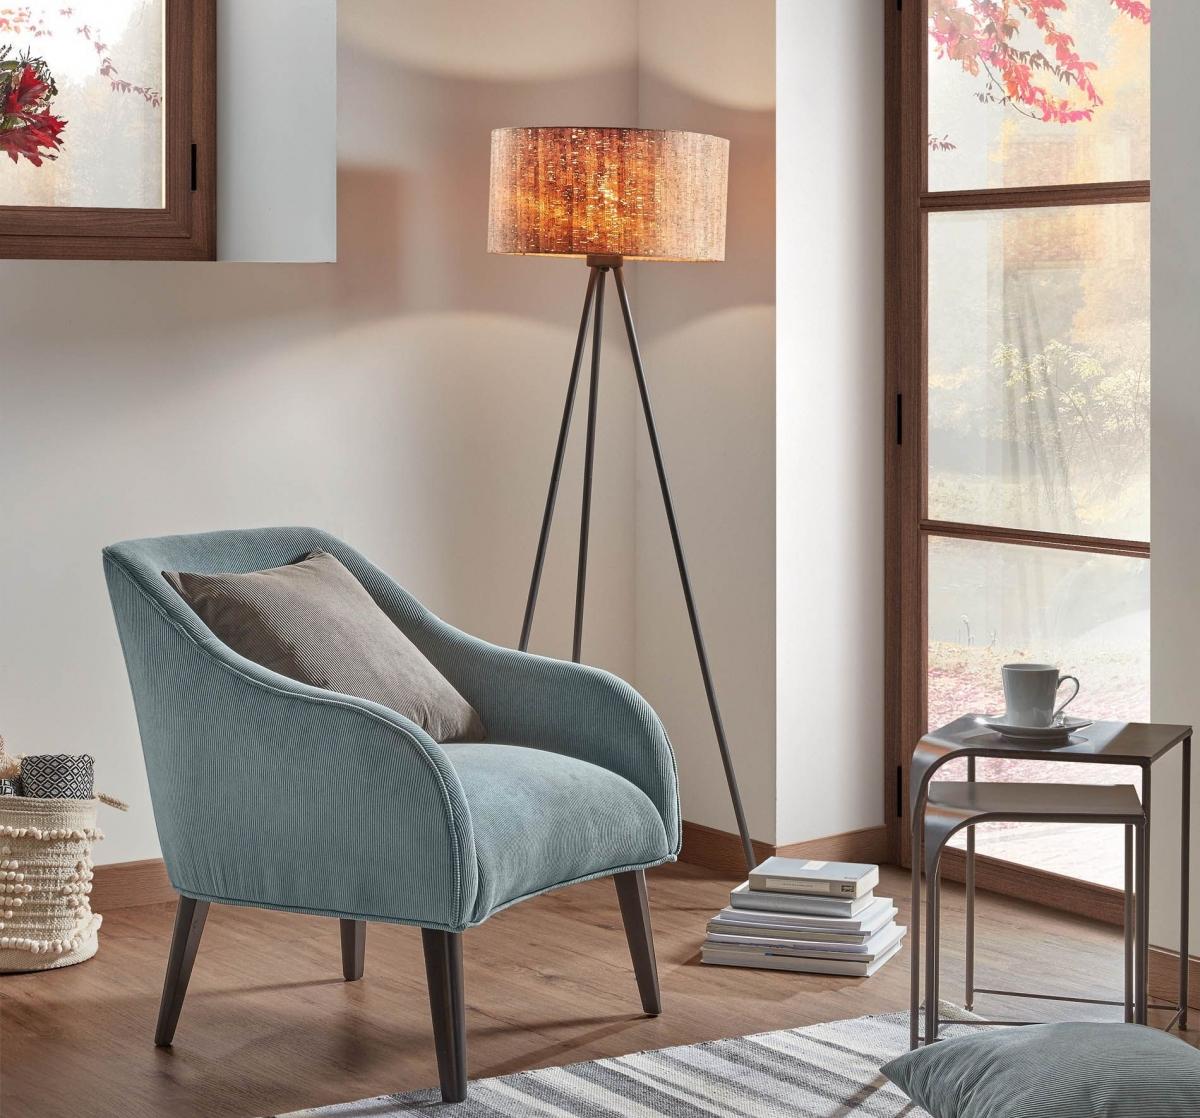 Милая и простая: комната для безупречного отдыха